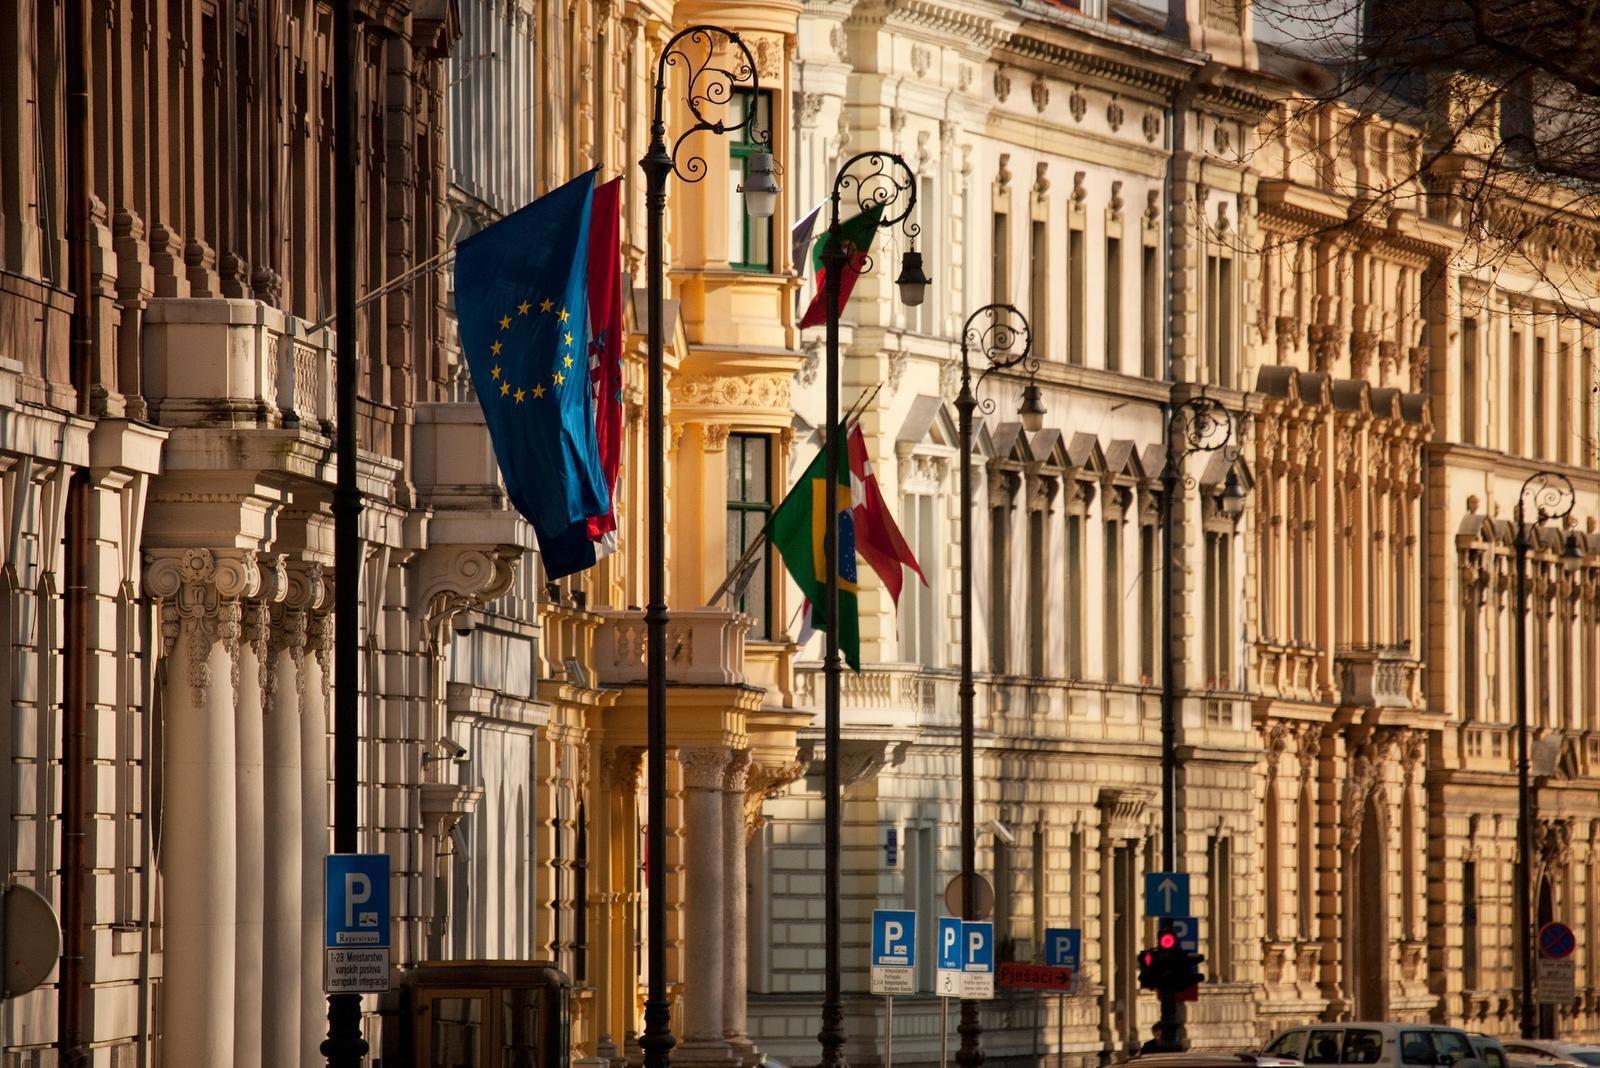 Nikola Šubić Zrinski Square in ZagrebFOTO: ZAGREB TOURIST BOARD, M. VRDOLJAK